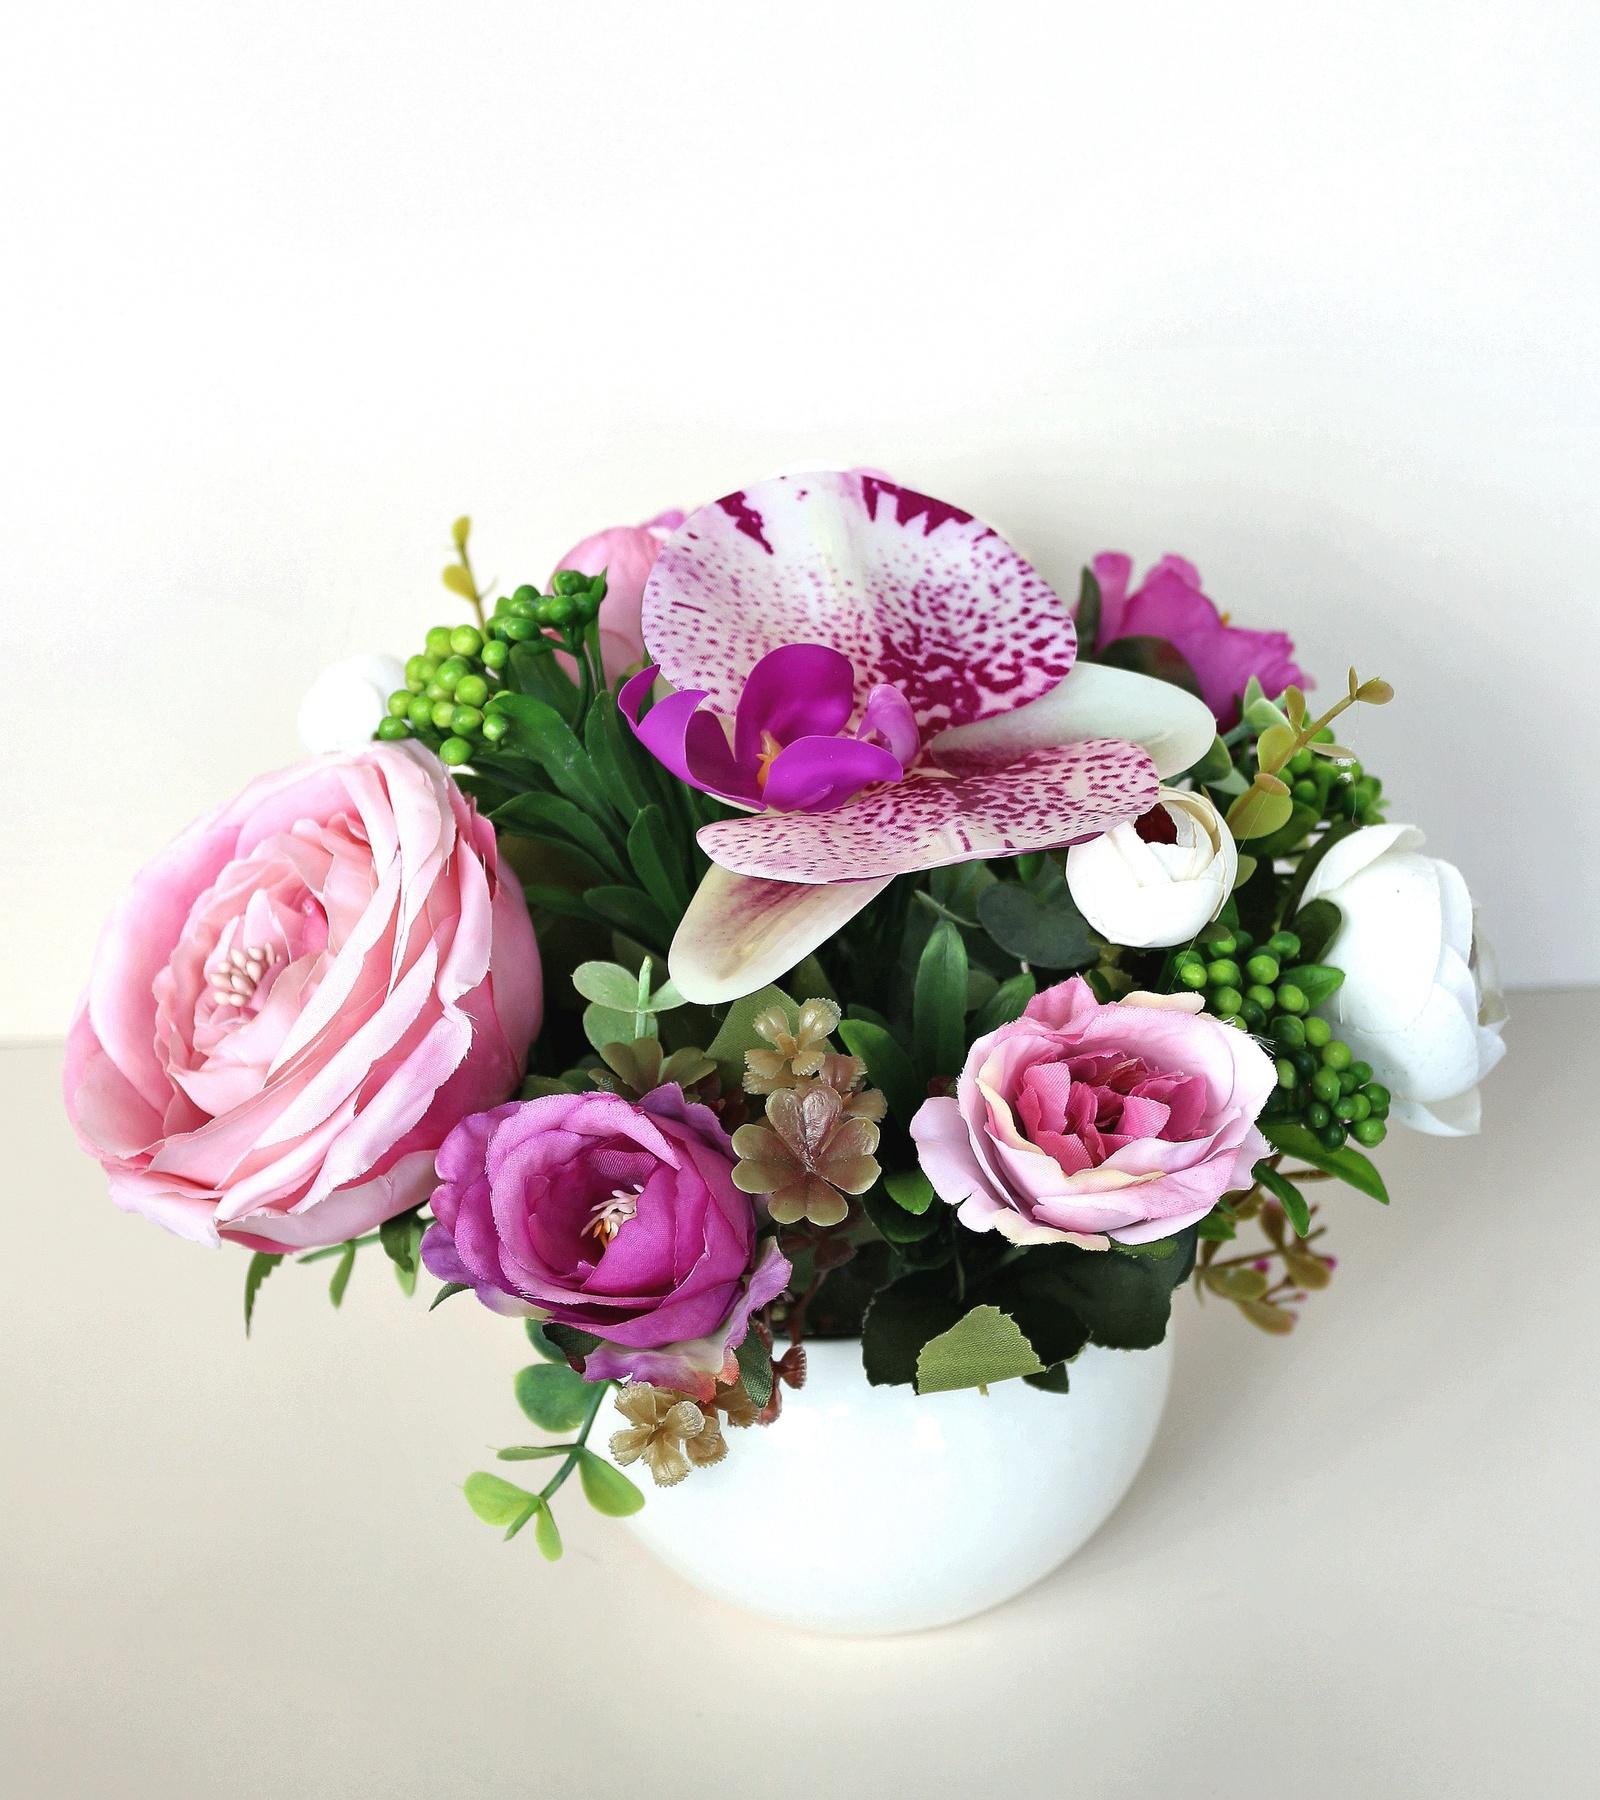 Искусственные цветы 403221, светло-розовый emo 02 композиция из натуральных орхидей